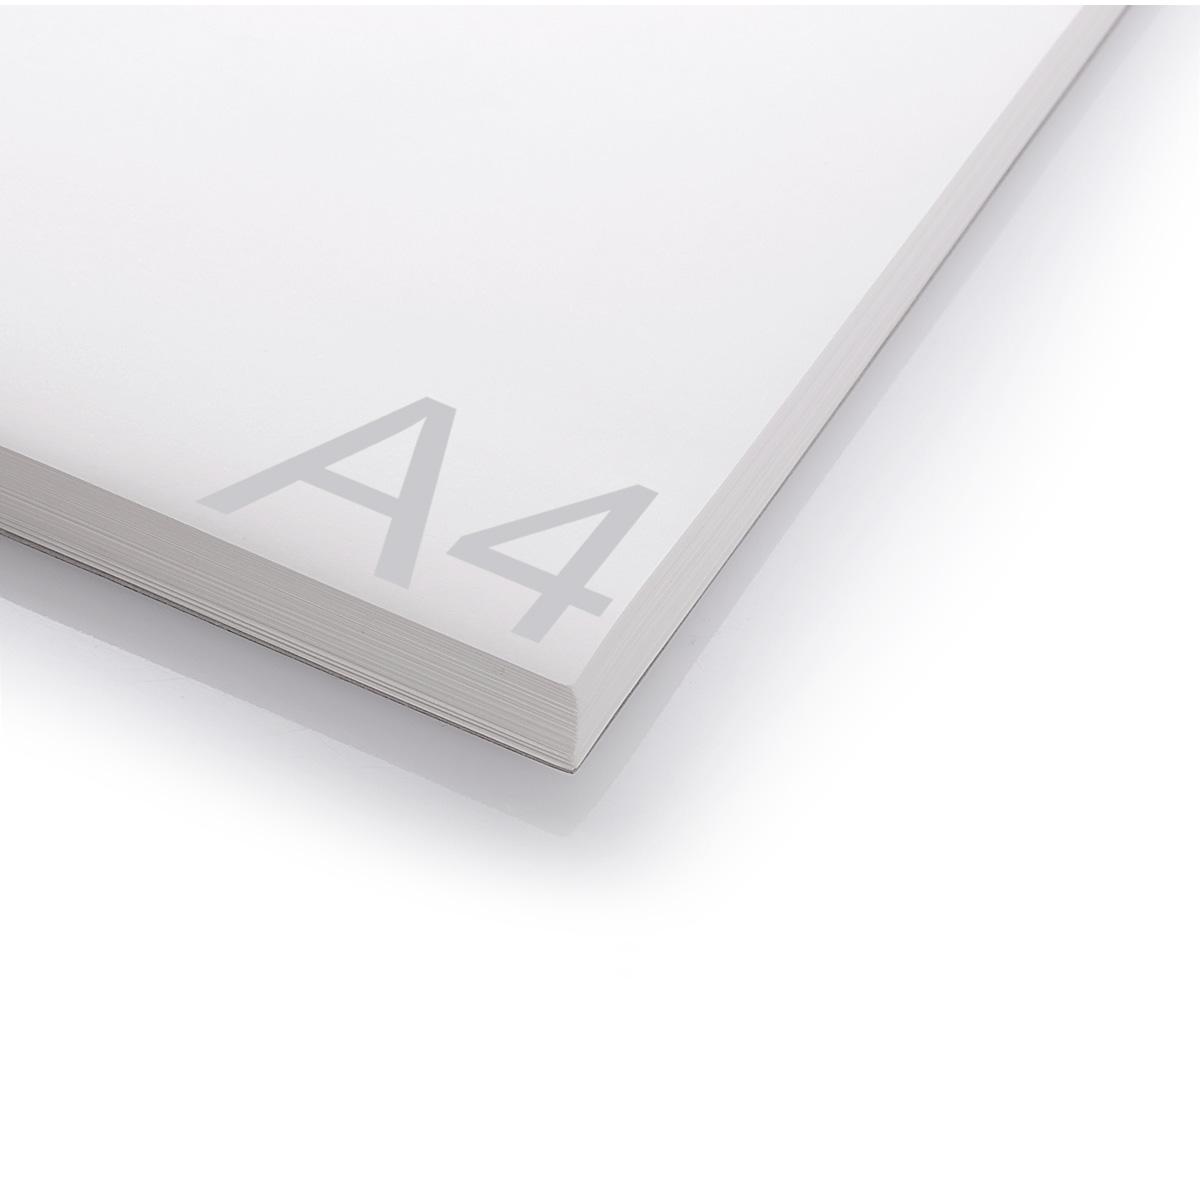 Fotopapier magnetisch, glossy, A4, 5 Blatt